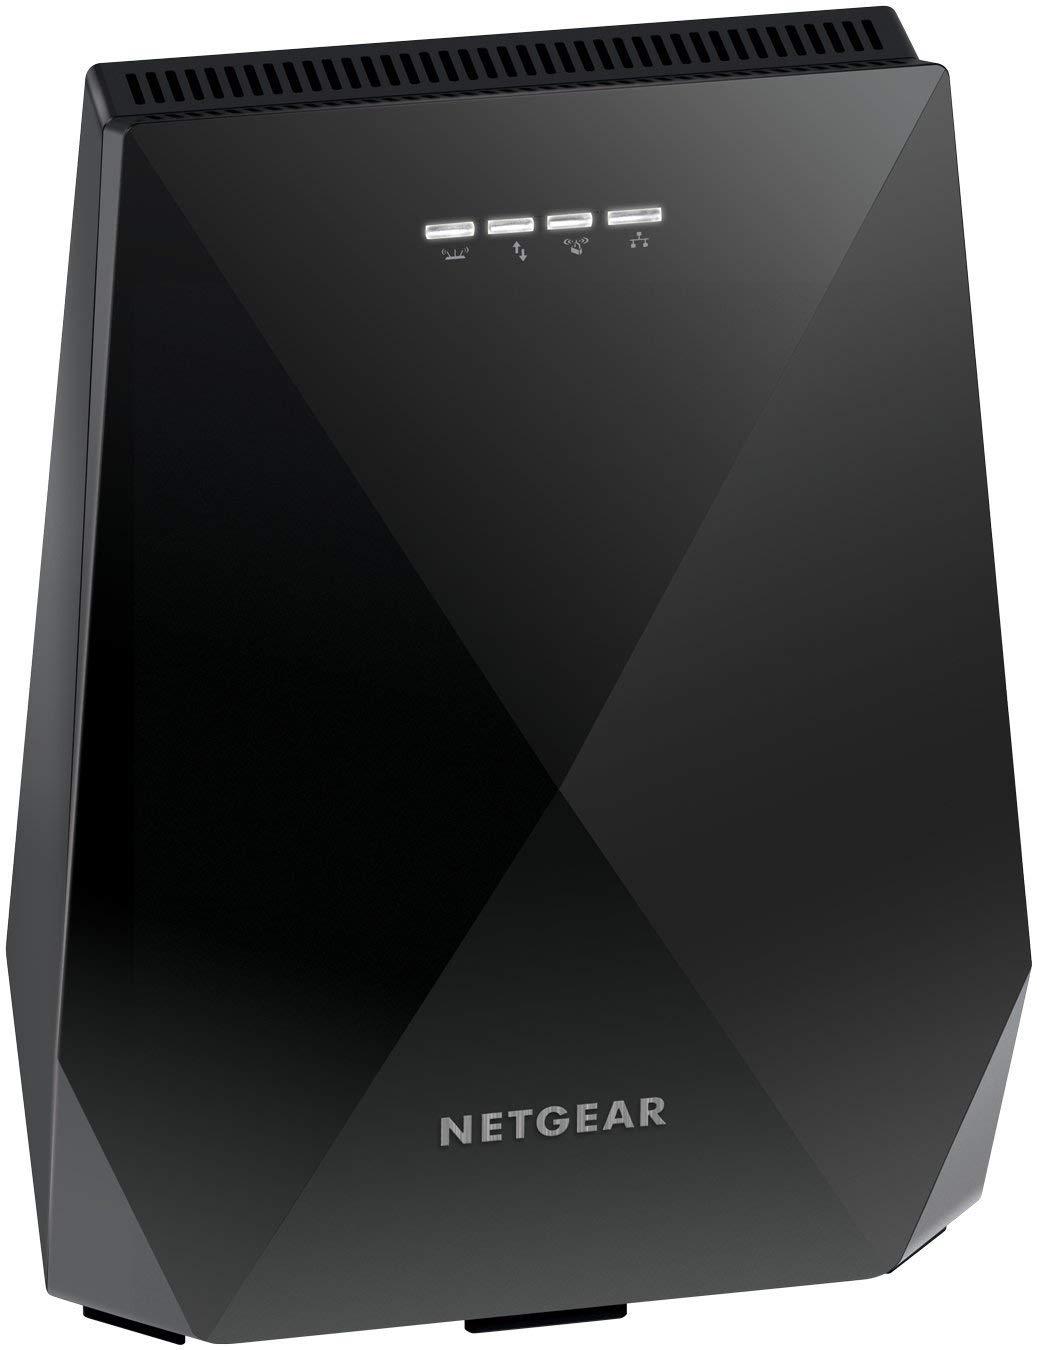 netgear wifi range extender manual